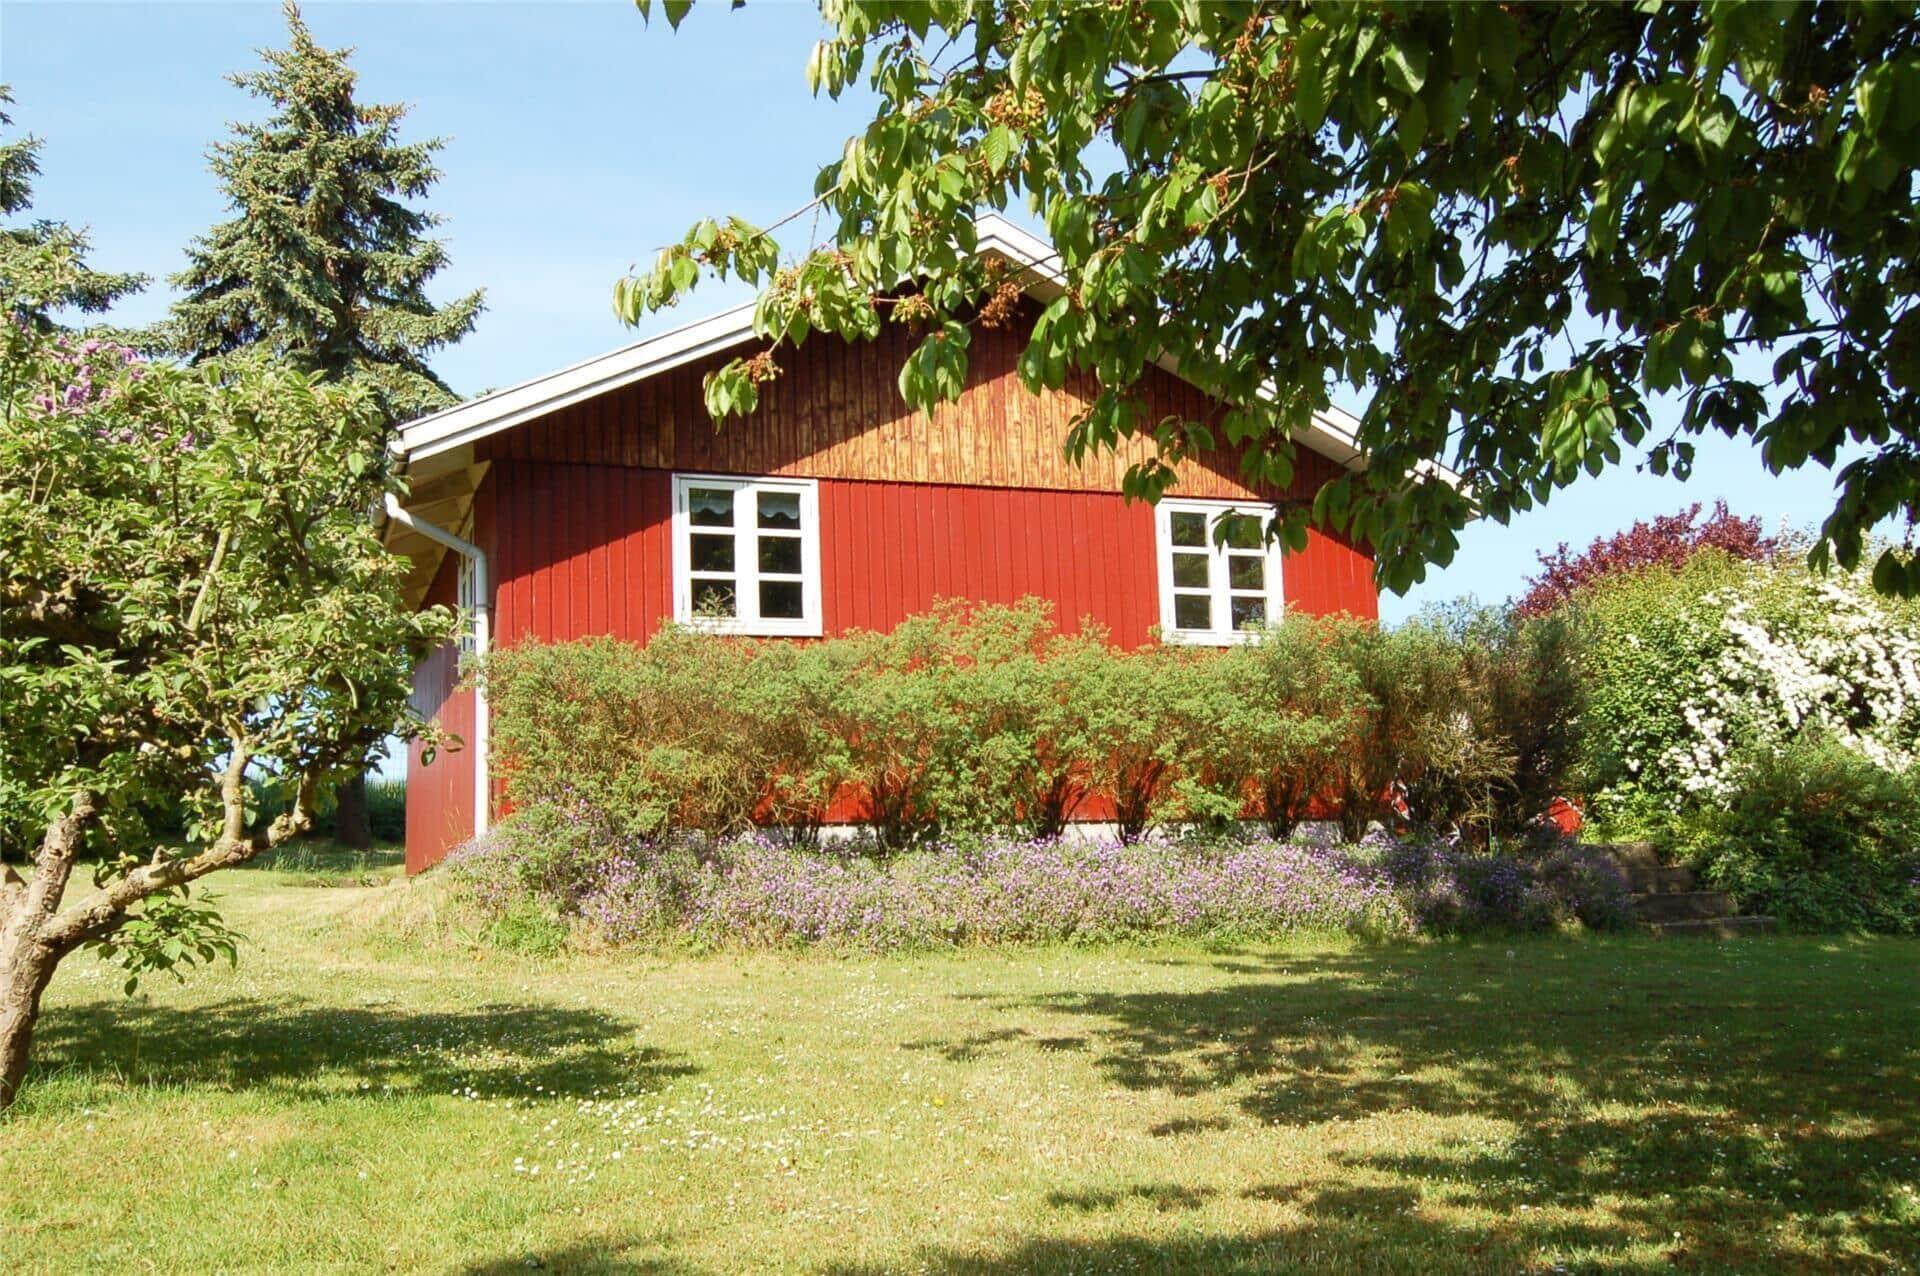 Afbeelding 1-3 Vakantiehuis M66181, Maemosevej 43, DK - 5871 Frørup